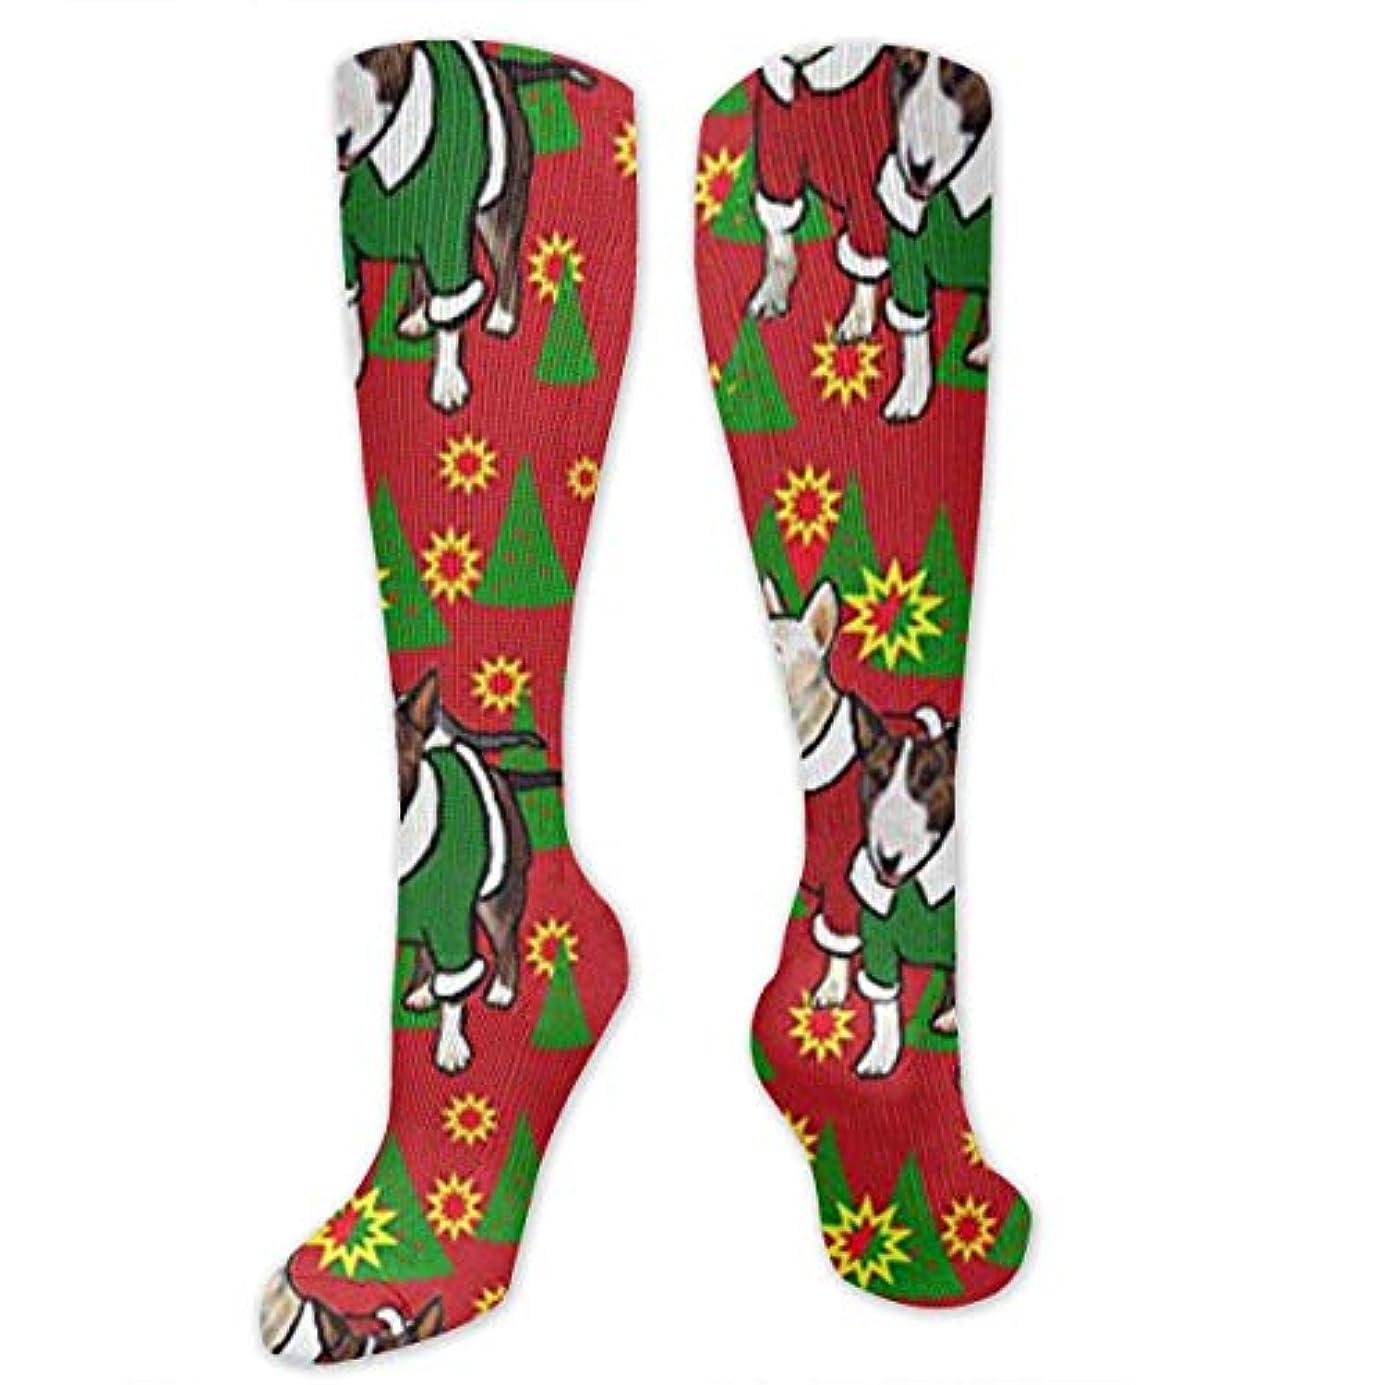 欠伸タヒチ悪性靴下,ストッキング,野生のジョーカー,実際,秋の本質,冬必須,サマーウェア&RBXAA Christmas Bull Terriers Socks Women's Winter Cotton Long Tube Socks...